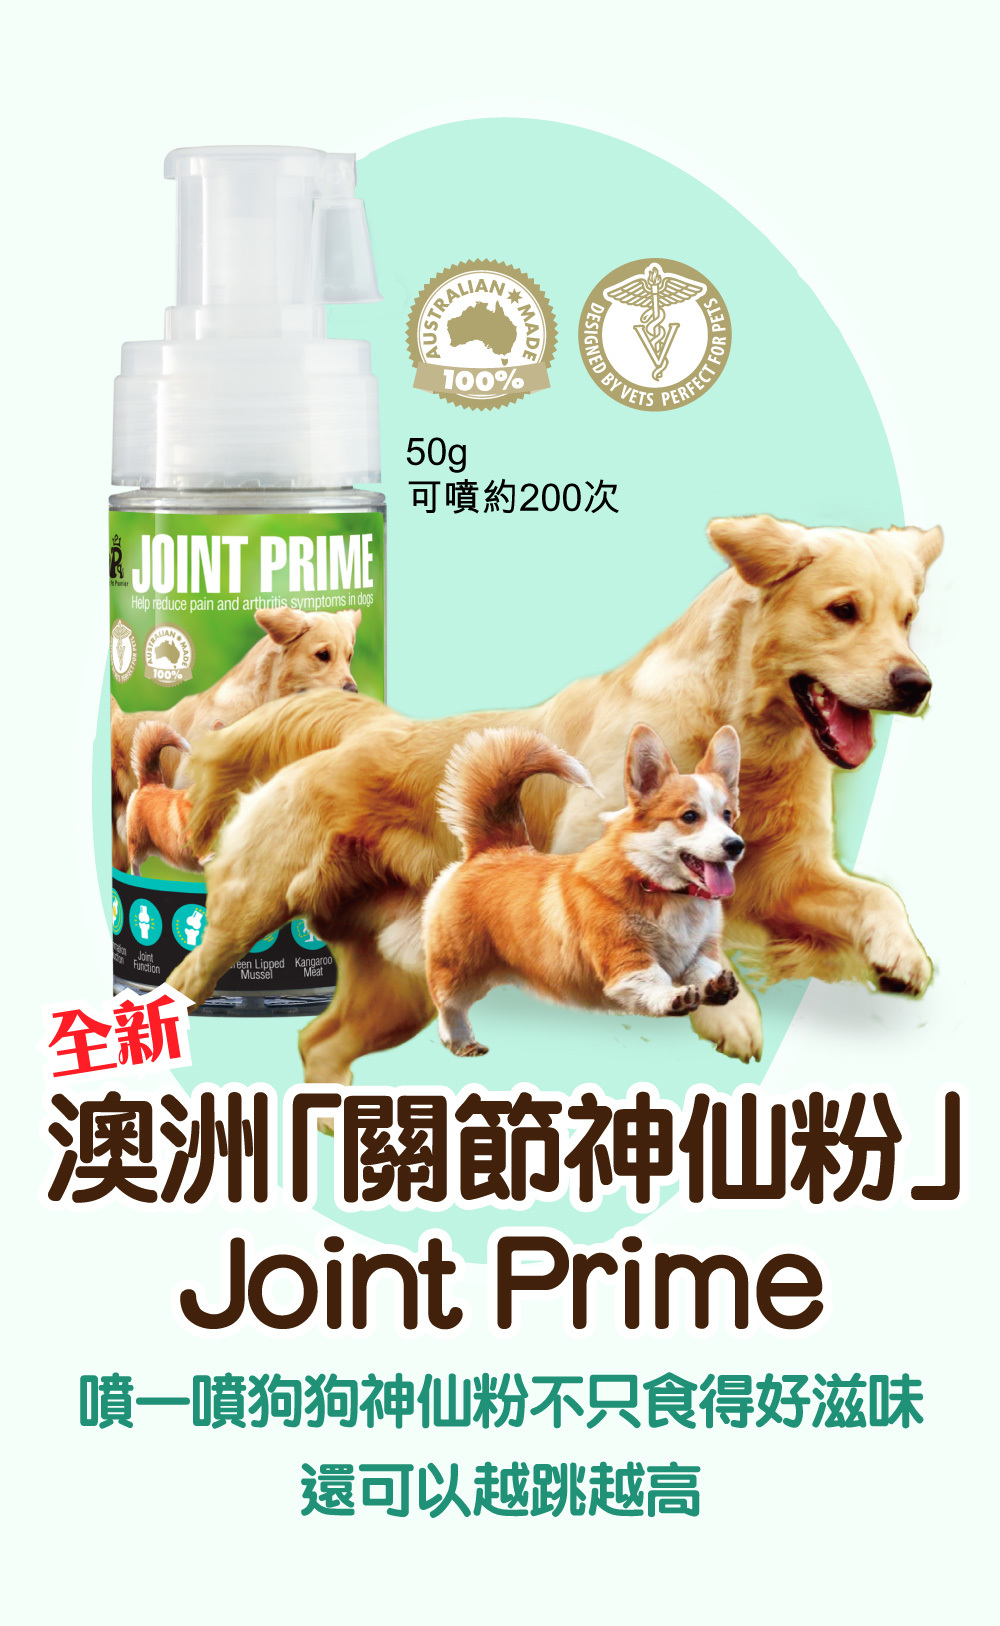 Pet Pet Premier, Joint Prime, Health Prime, 狗狗神仙粉, 关节神仙粉, 狗保健品,澳洲健骨抗关节炎喷剂